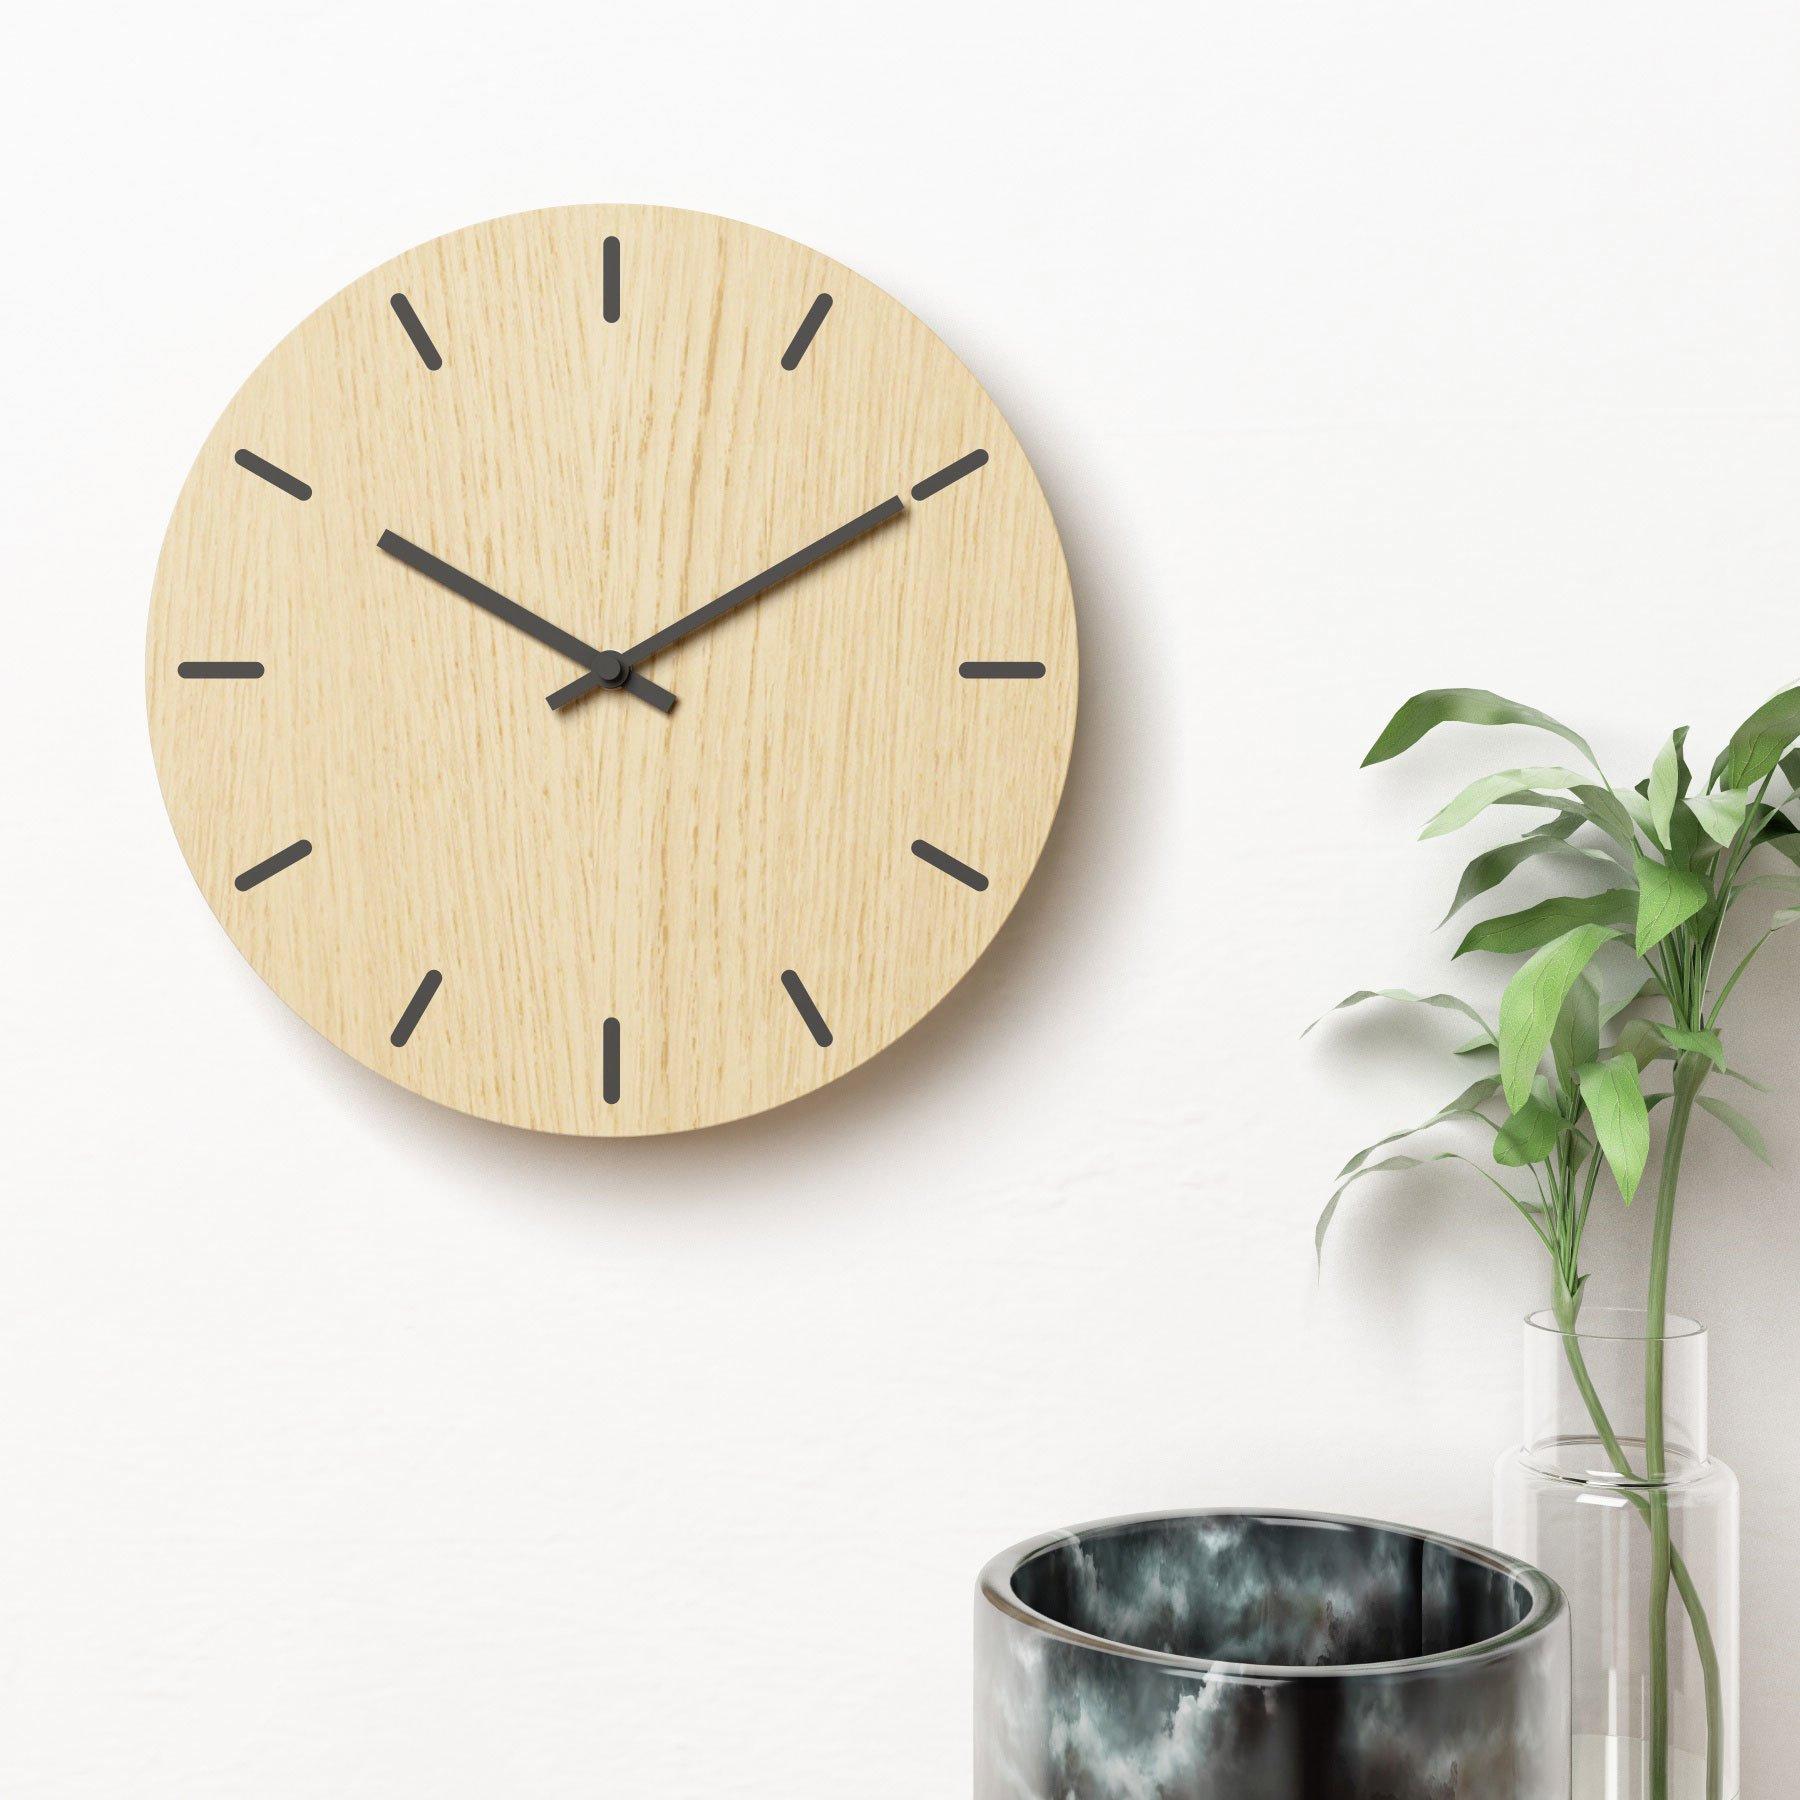 Image of   Vægur i eg med sorte visere - Plexi clock